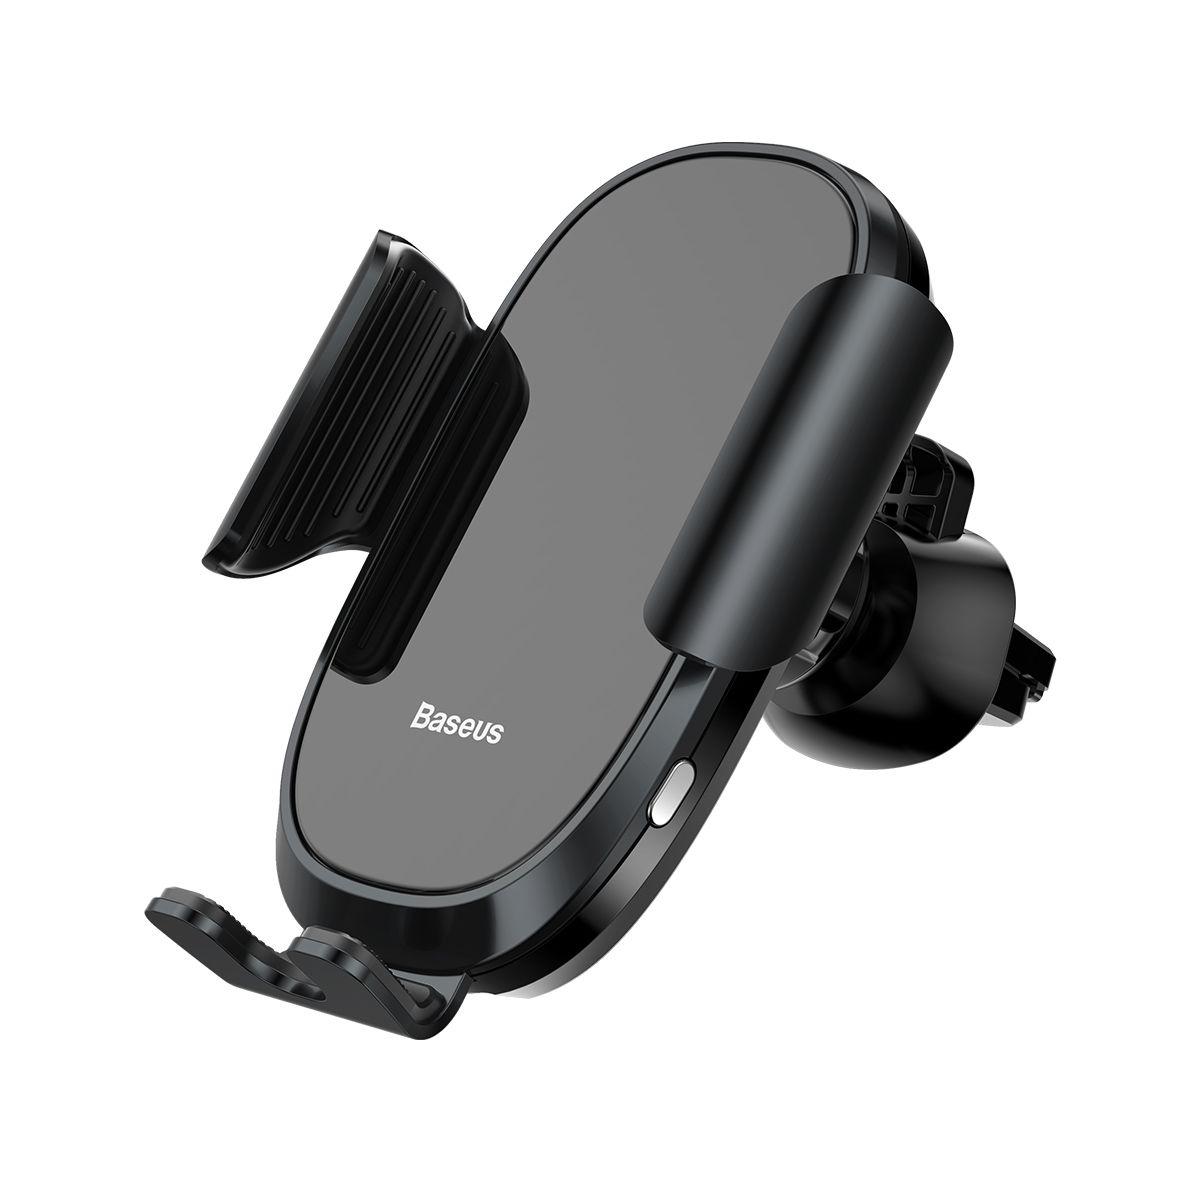 Suporte Veicular para Smartphone Baseus Mount Gravity